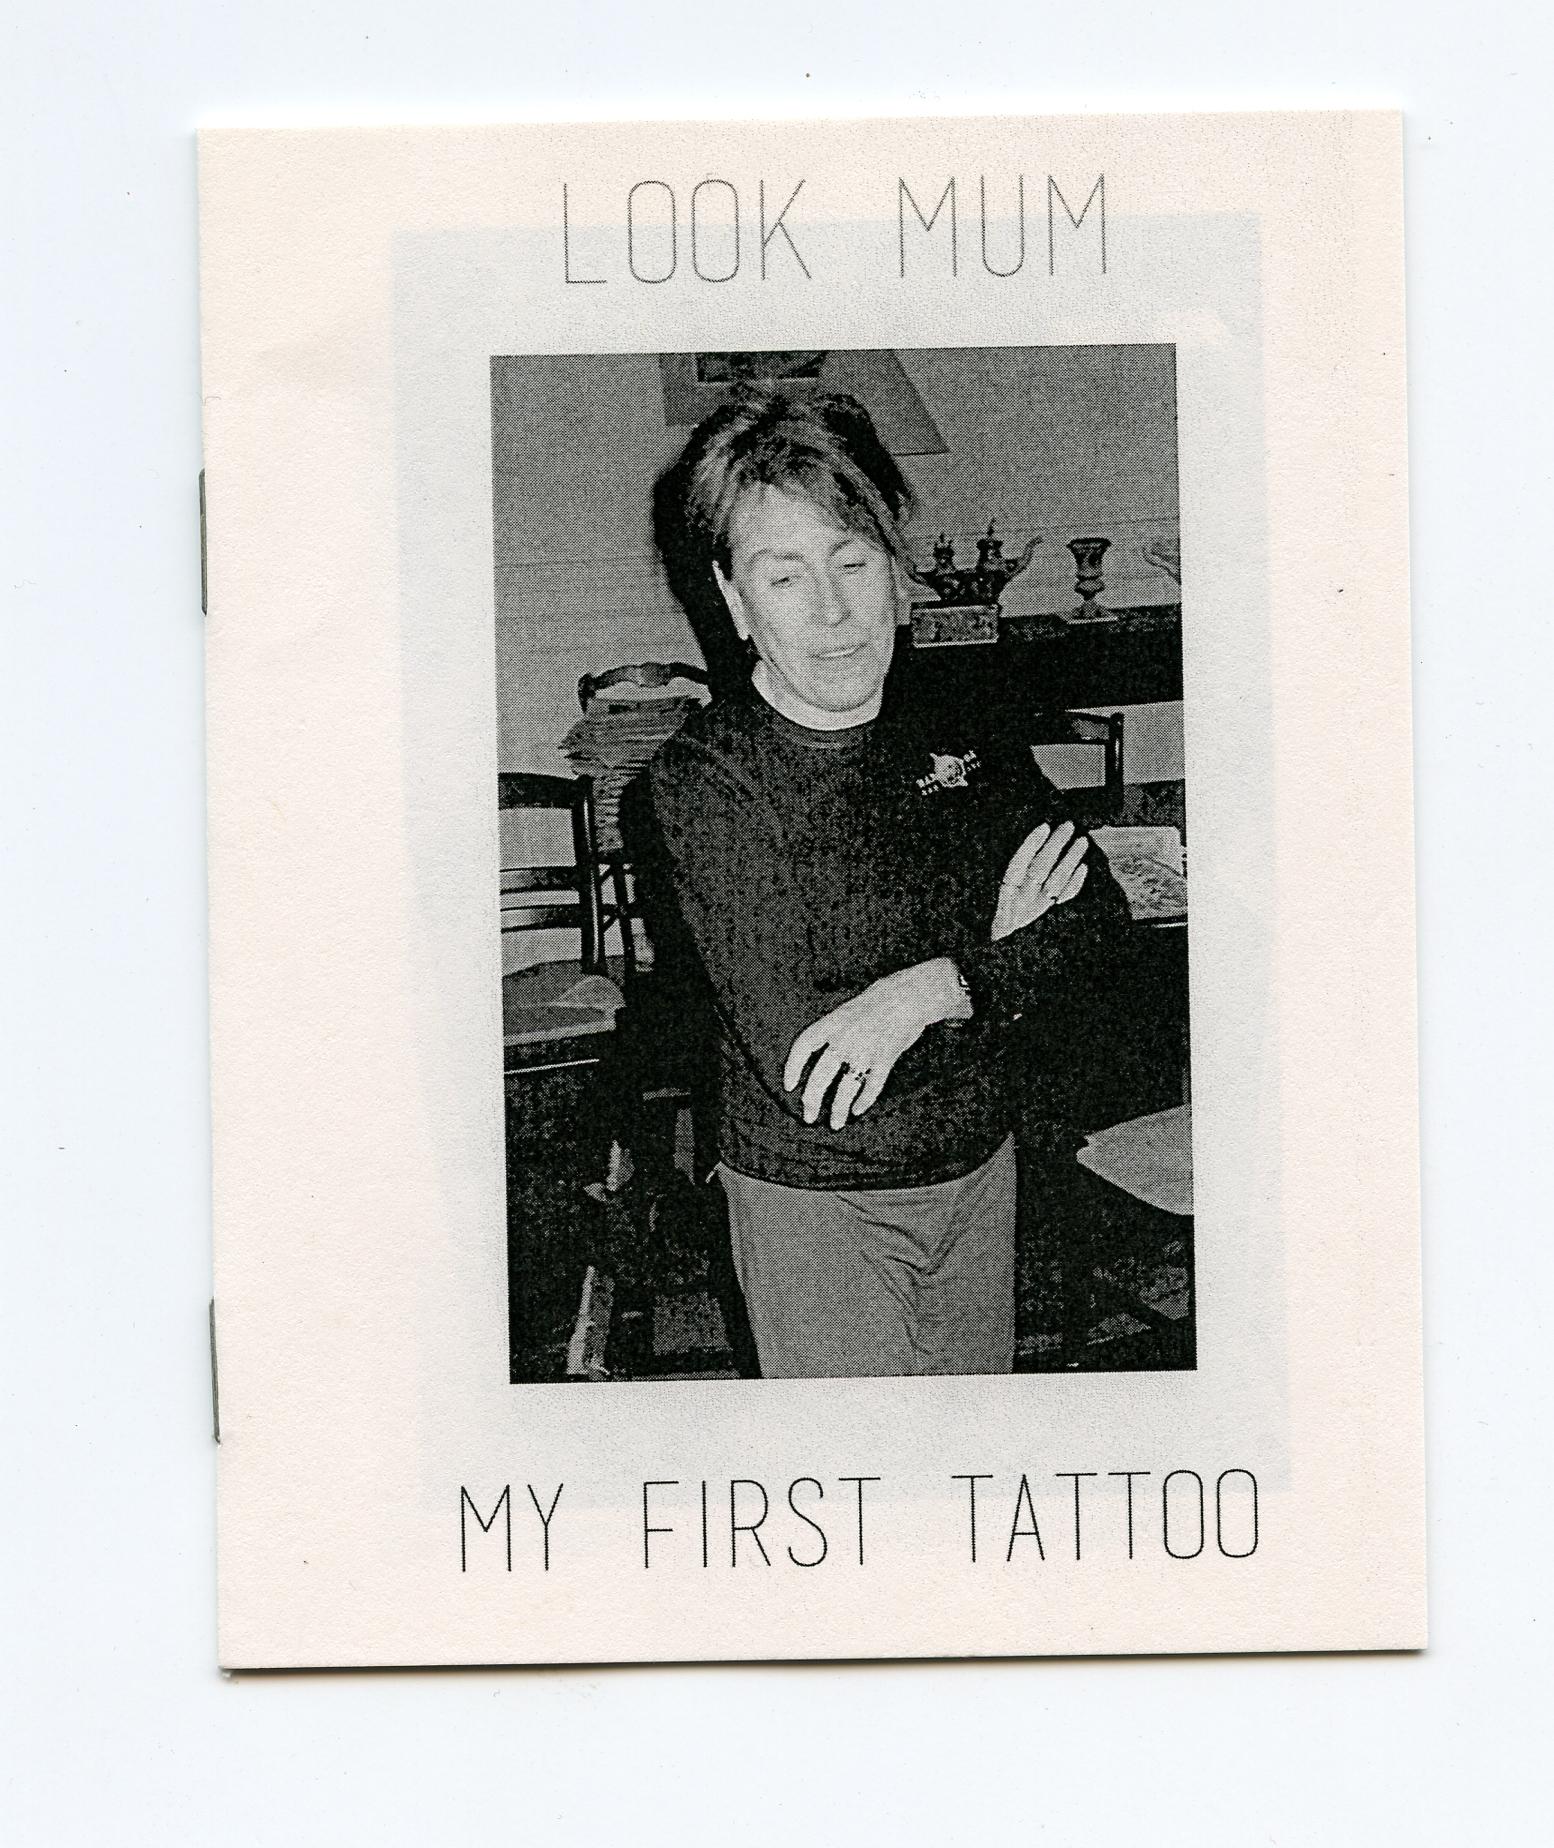 tattoo039.jpg